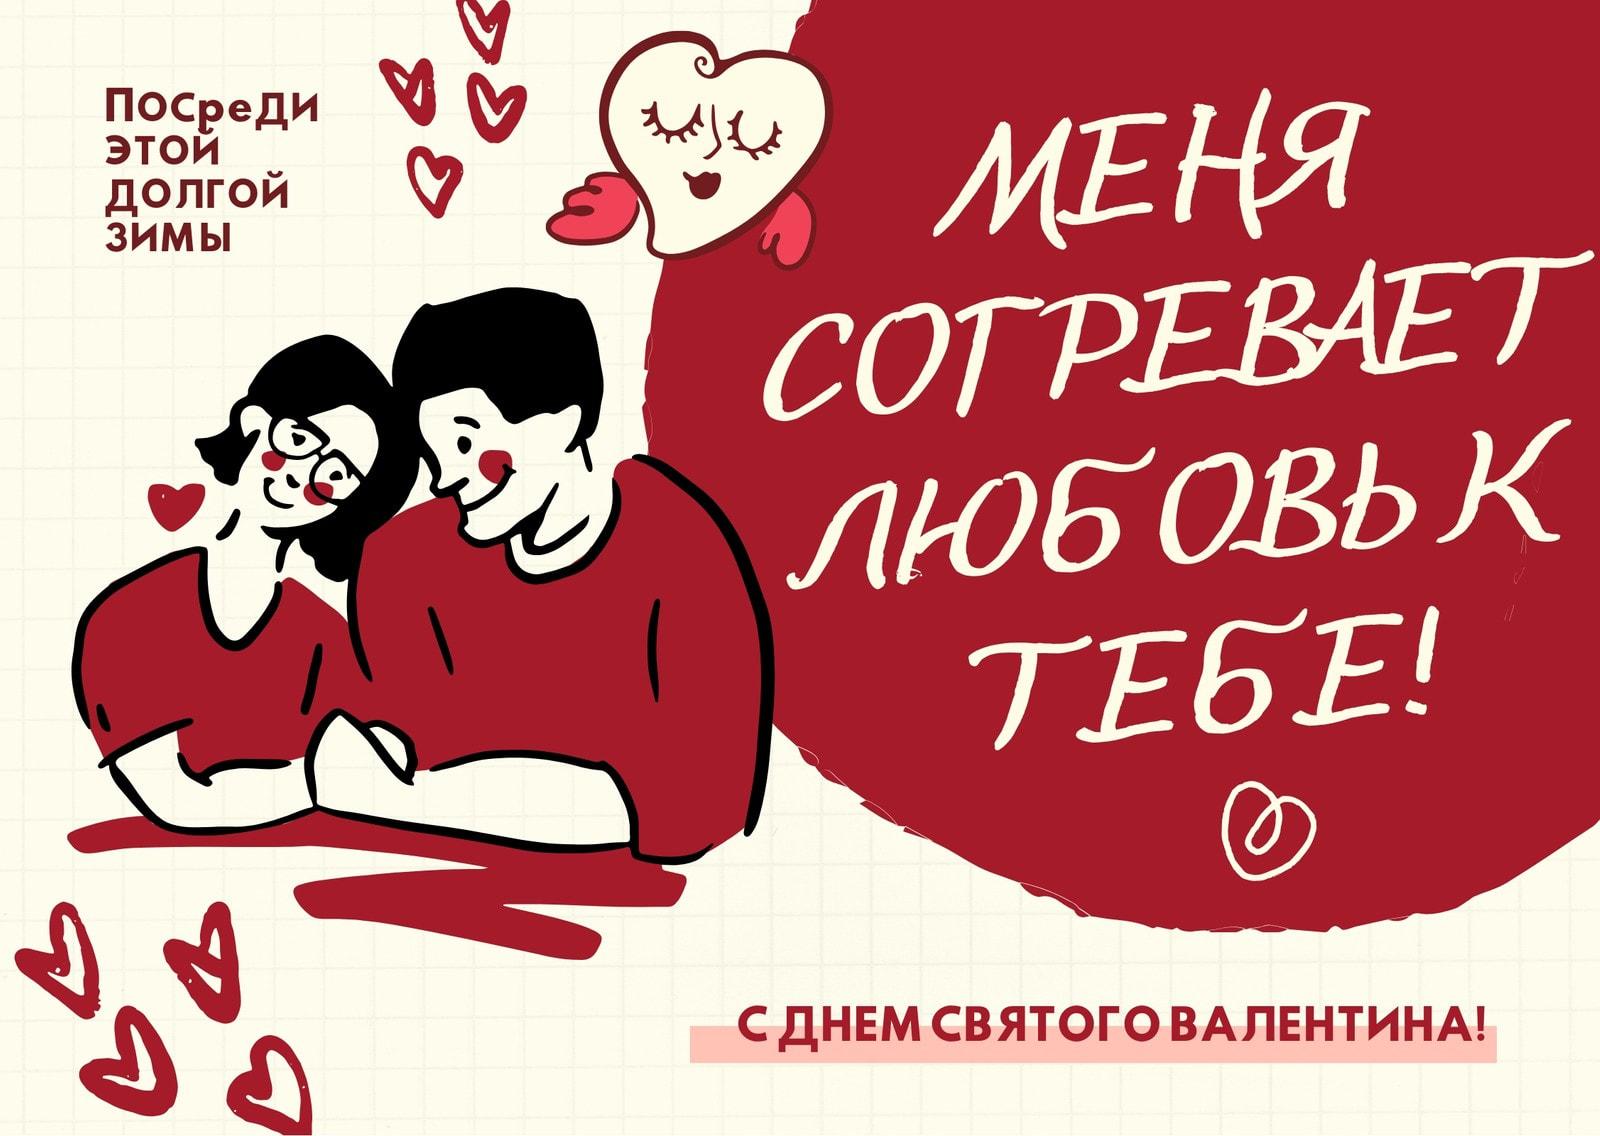 Красно-белая открытка на День святого Валентина с рисунком пары